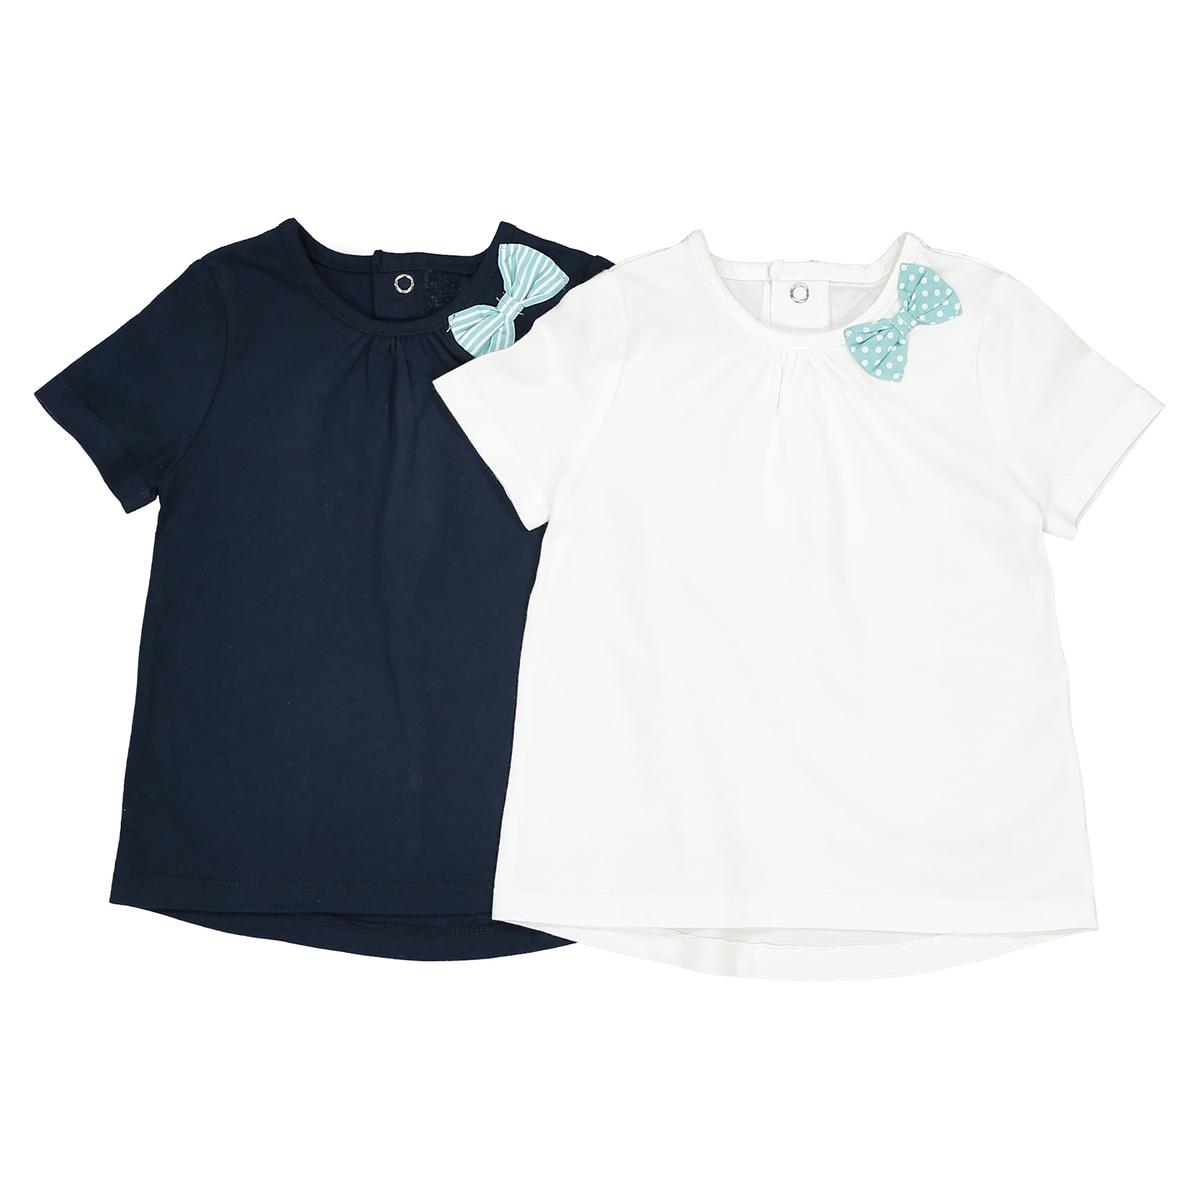 Комплект из 2 футболок с бантом сбоку, 1 мес. - 3 годаОписание:Детали •  Короткие рукава •  Круглый вырезСостав и уход •  100% хлопок •  Температура стирки 30° •  Гладить при низкой температуре / не отбеливать • Барабанная сушка на слабом режиме       •  Сухая чистка запрещена<br><br>Цвет: темно-синий + белый